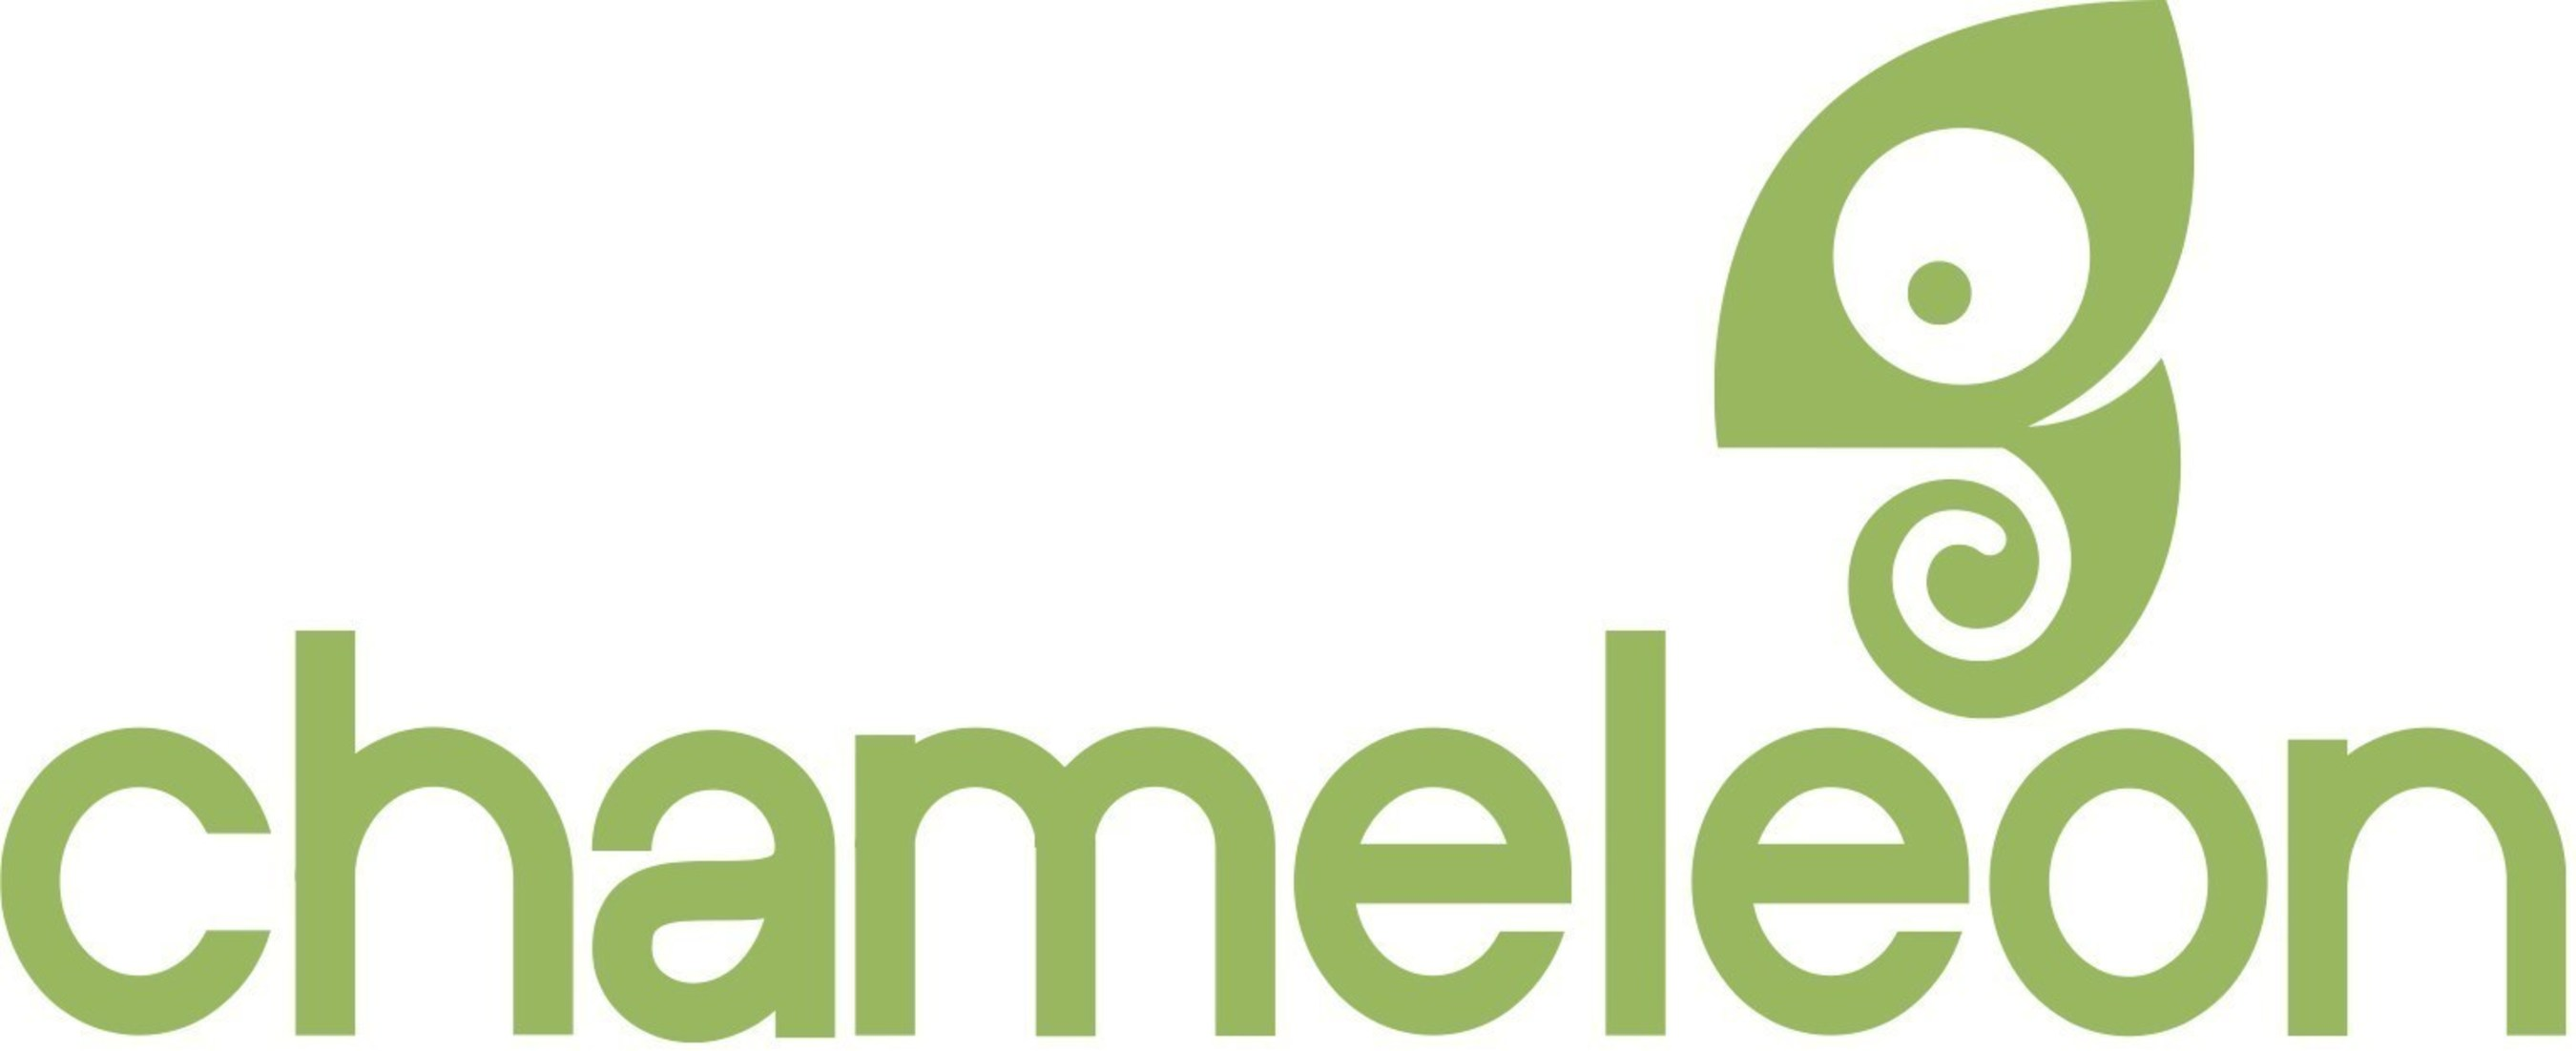 Chameleon - Better user onboarding. (PRNewsFoto/Chameleon)